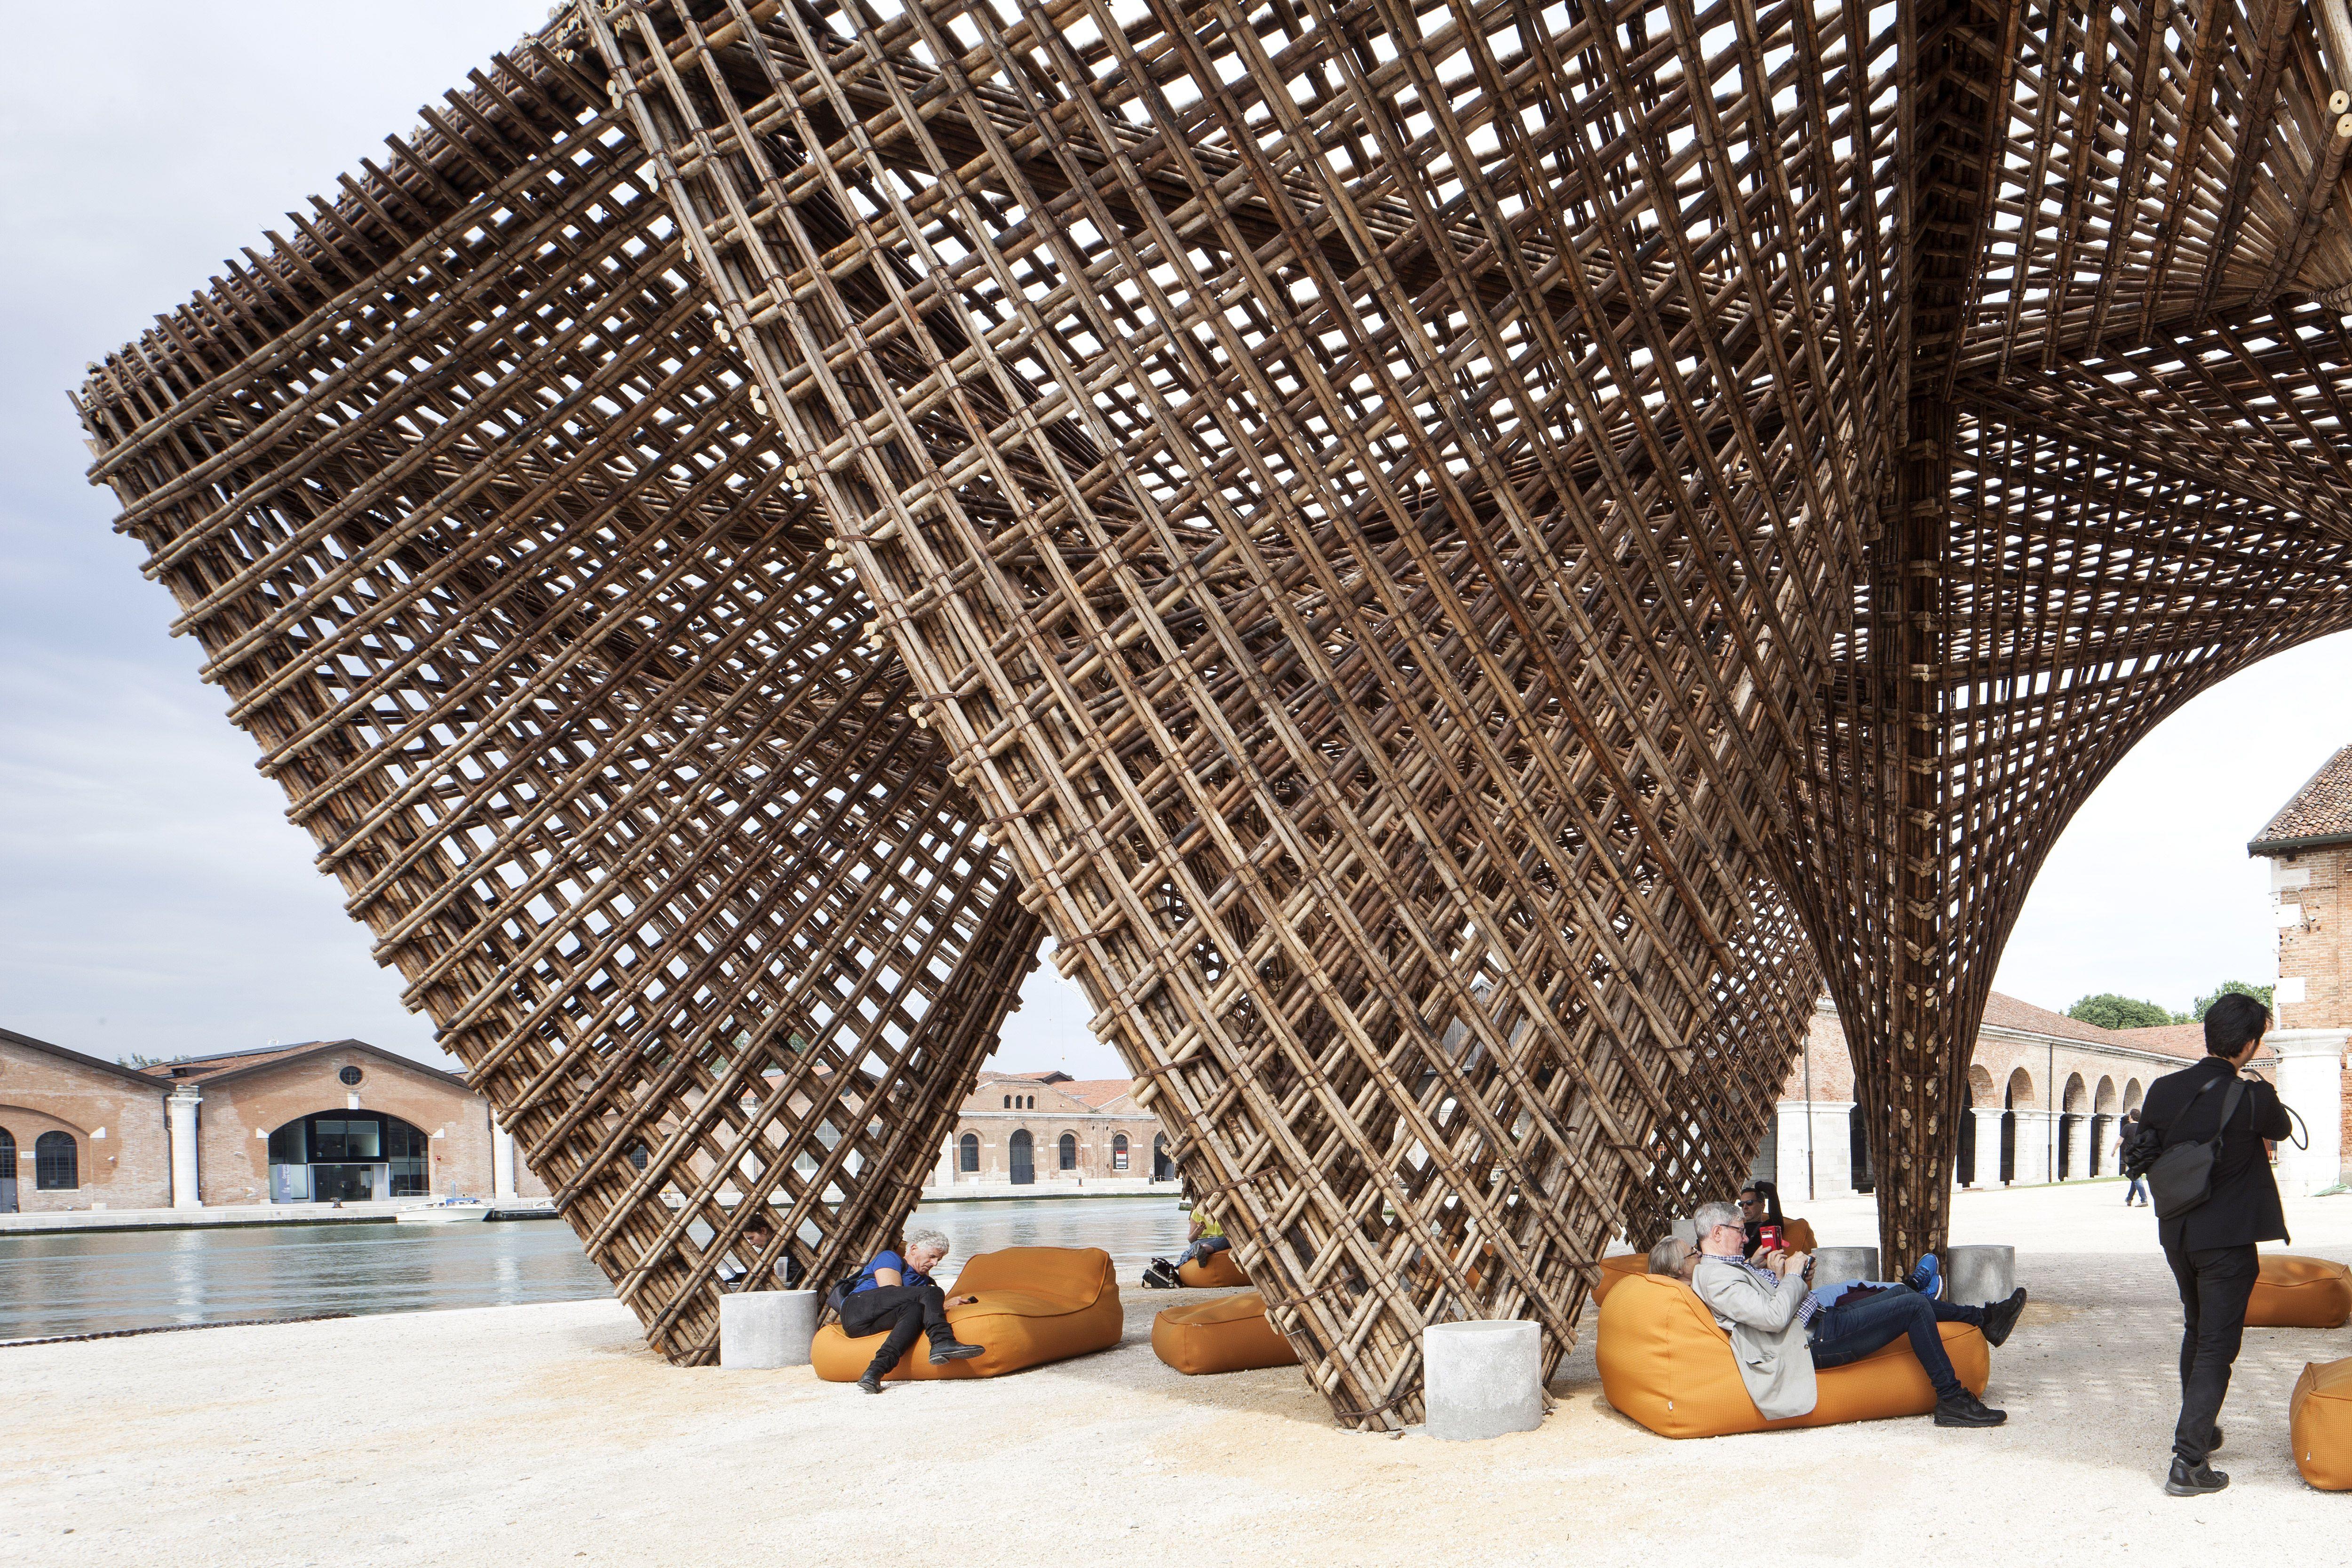 Architettura Sostenibile Architetti architettura in bambù, ecco i nomi degli architetti da conoscere